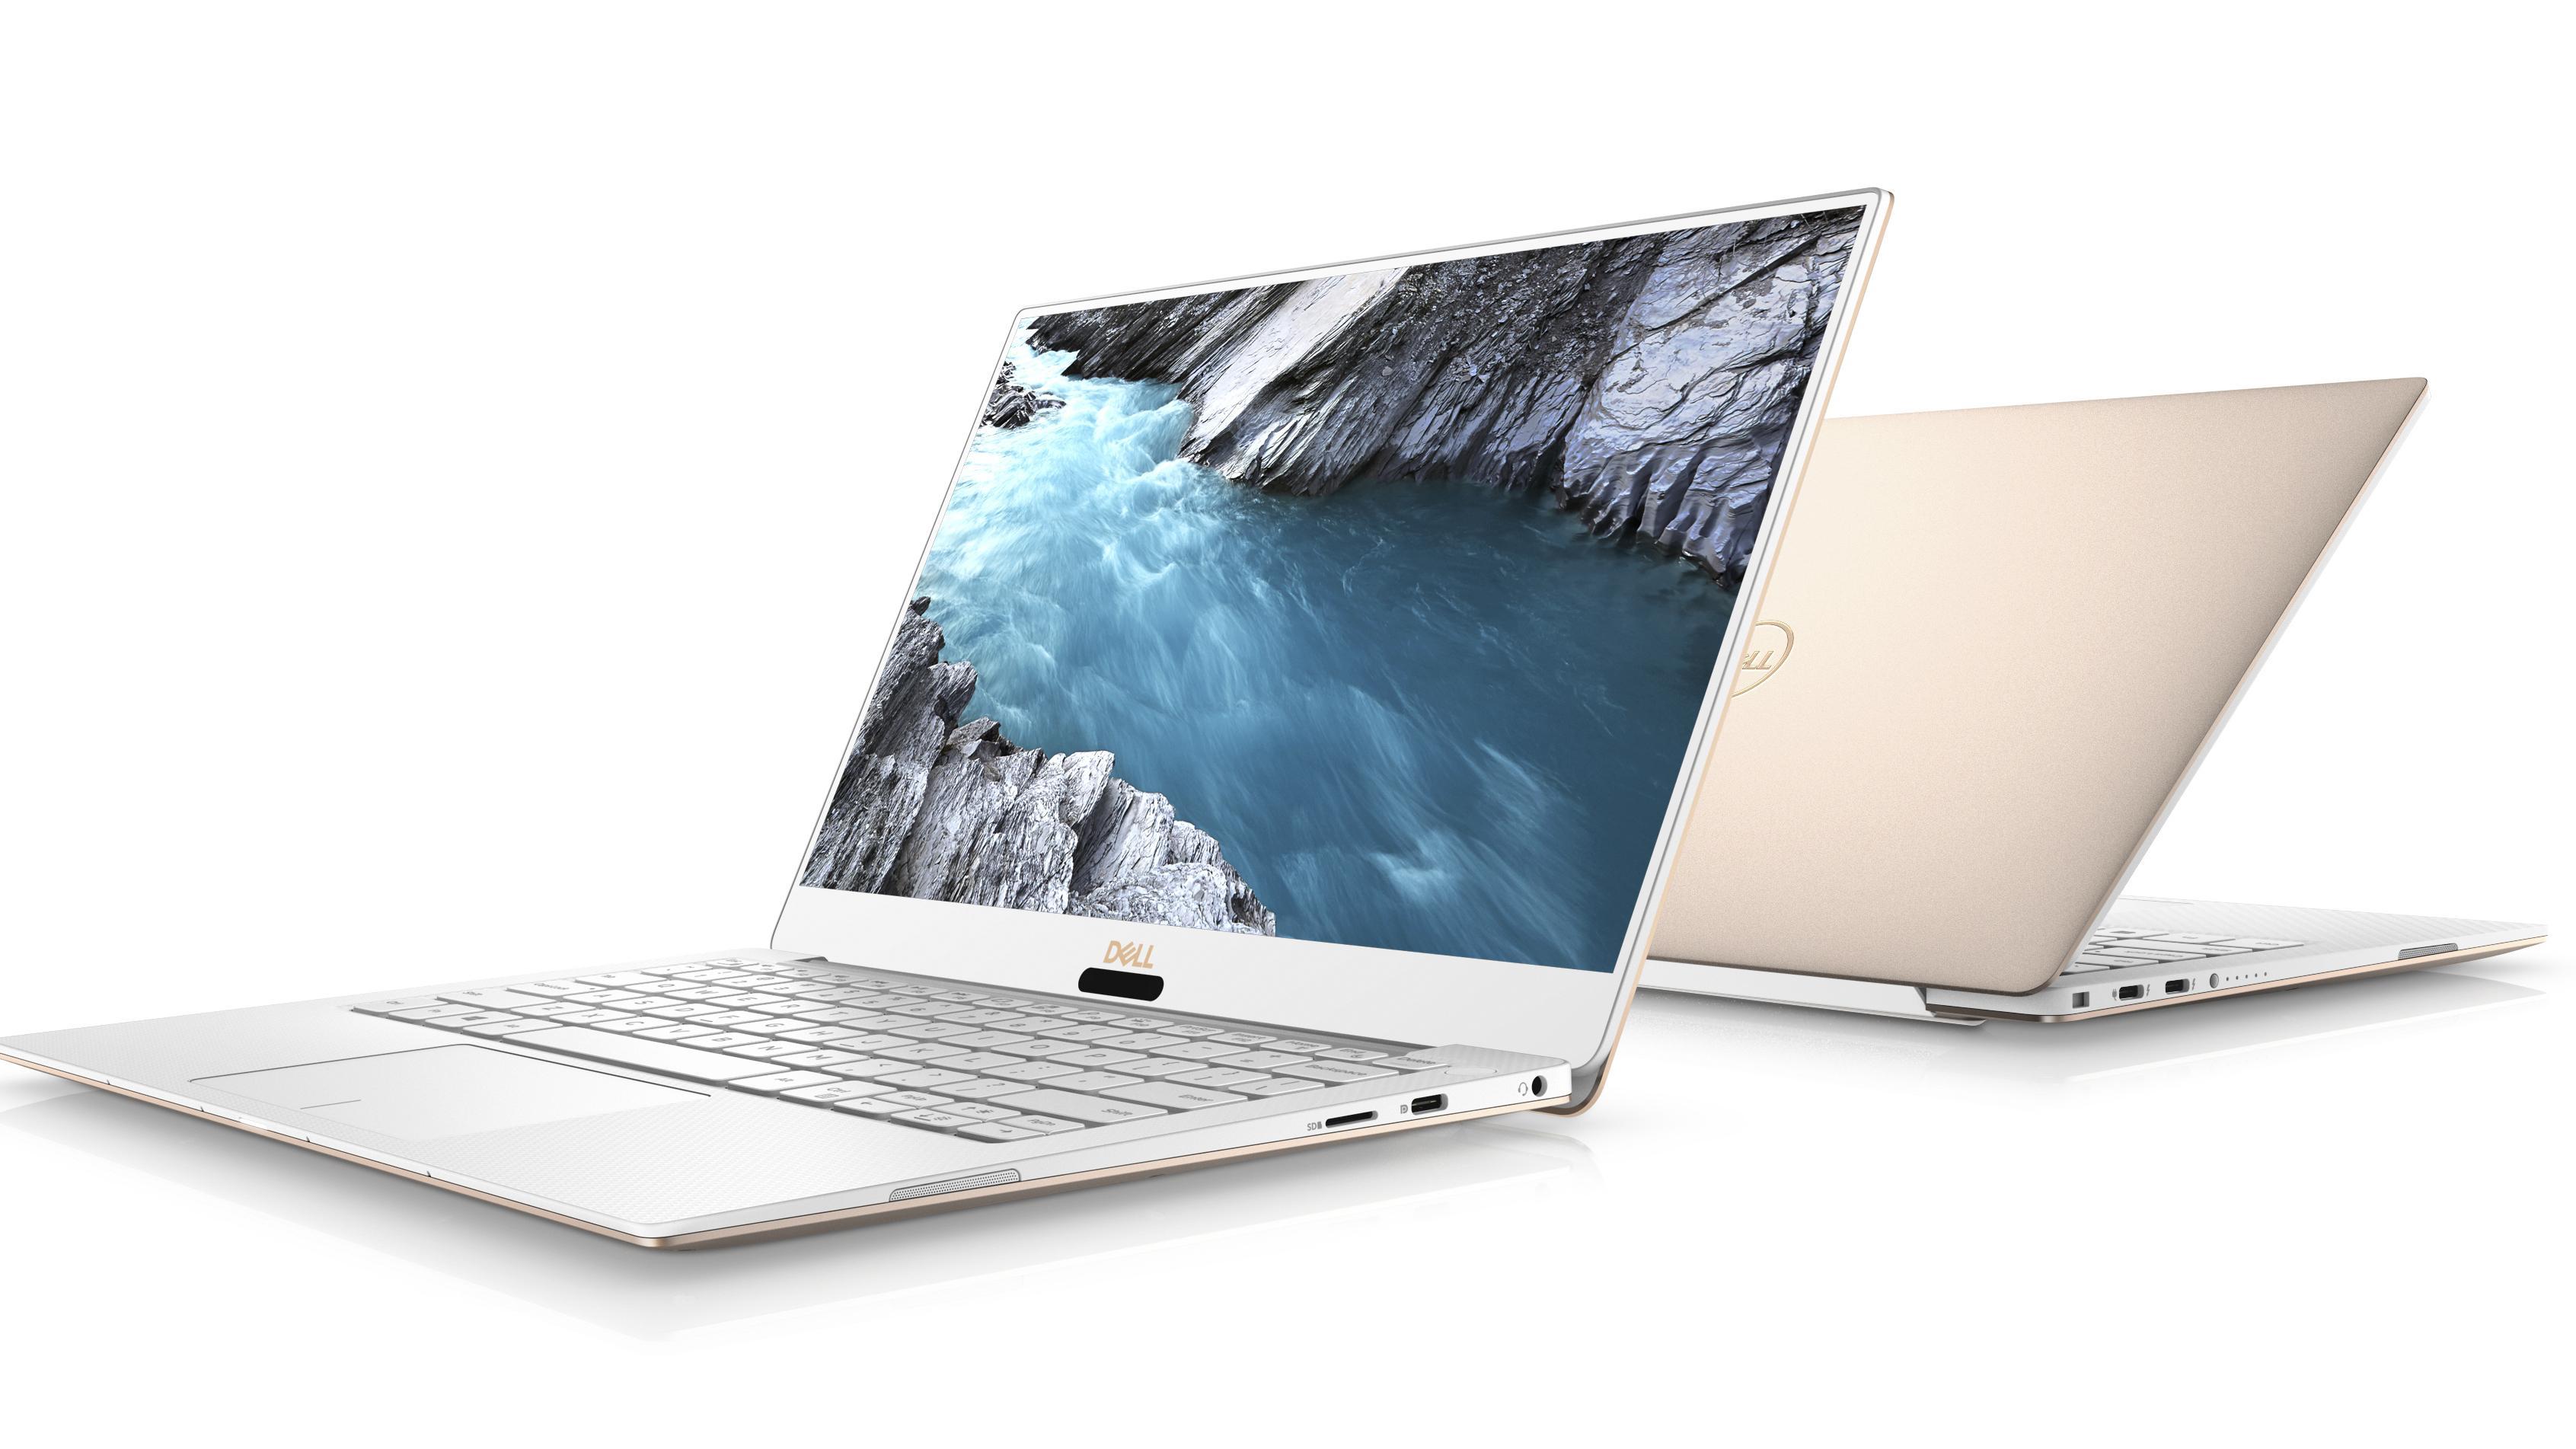 Dells lekre XPS 13 blir enda tynnere og kommer nå med 4K-skjerm